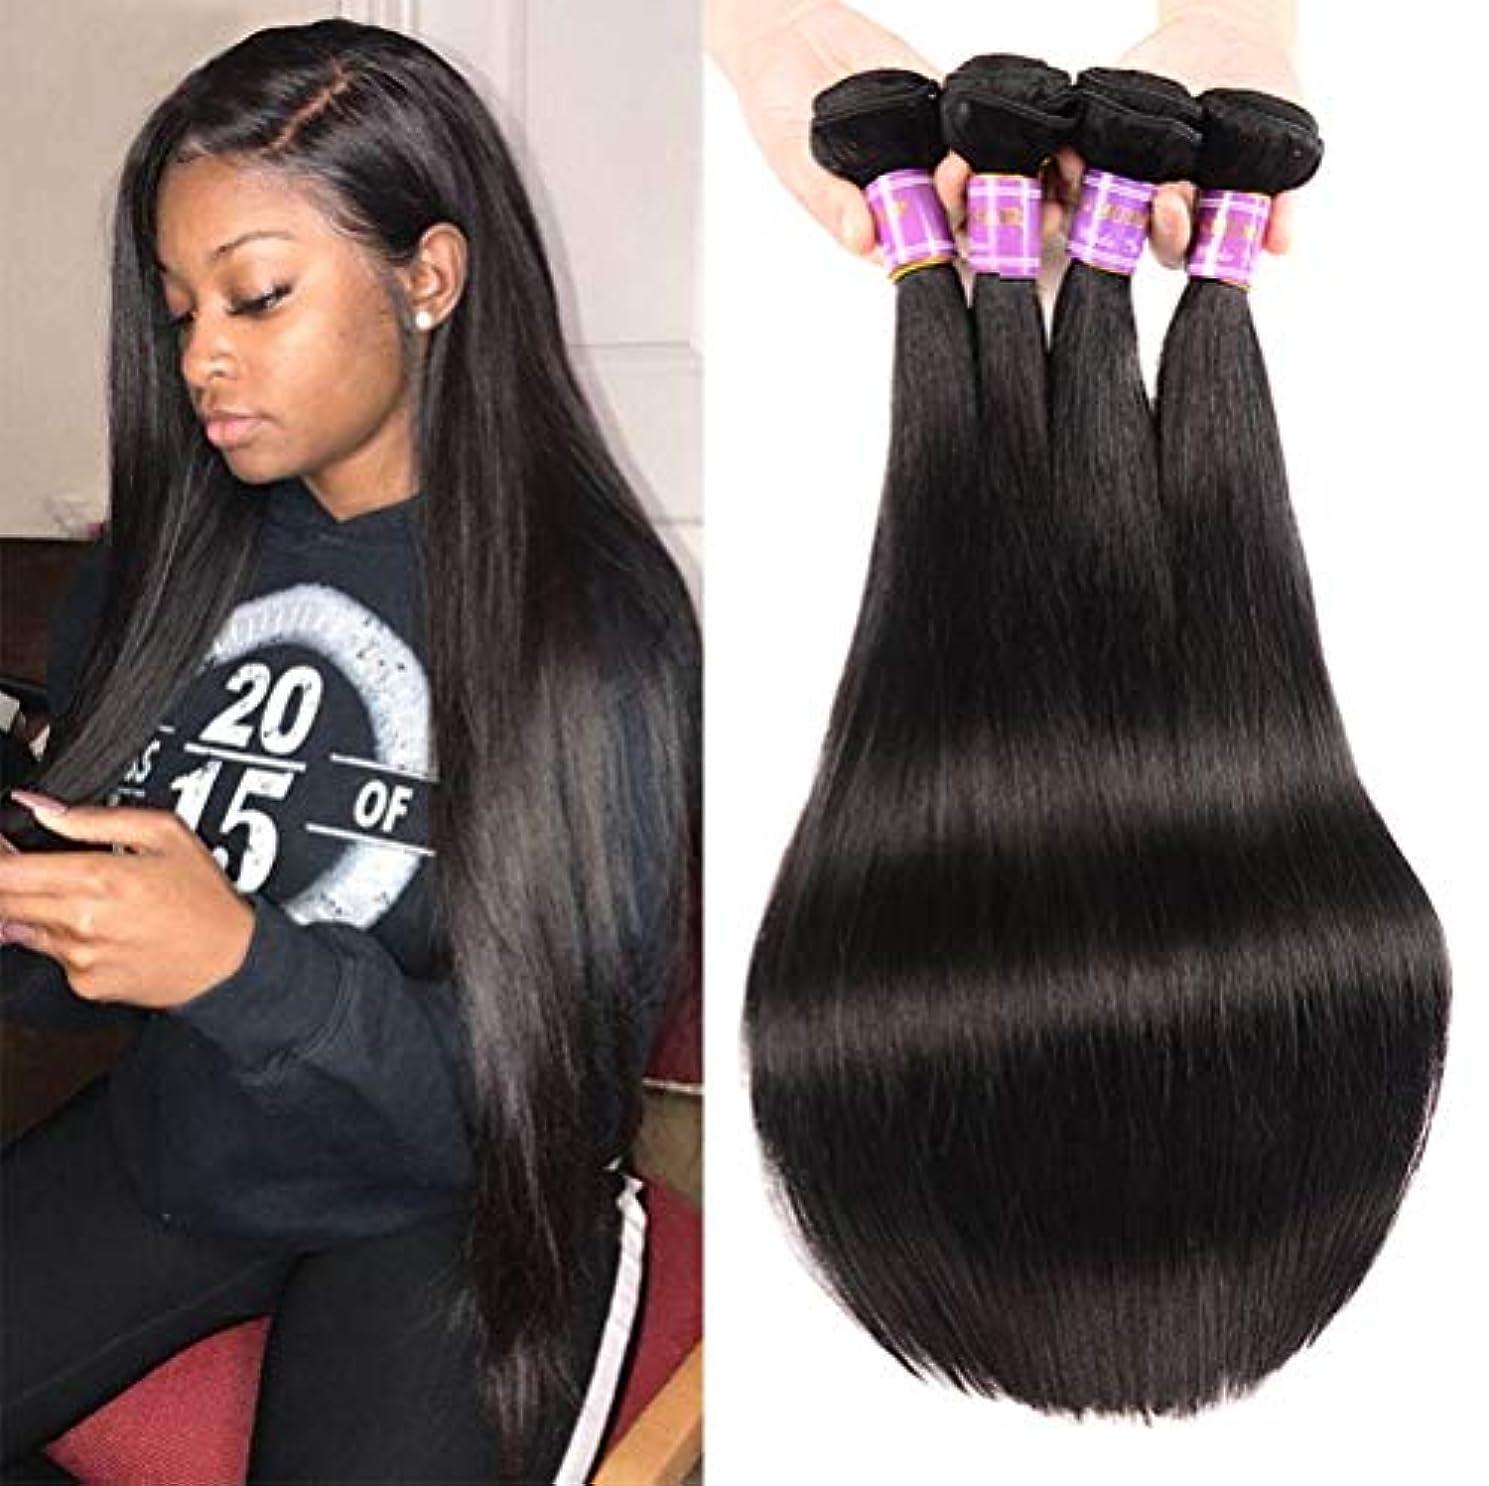 スポンサーレコーダー病気だと思う女性髪の毛編むブラジルの髪バンドルで閉鎖ストレートフリーパーツ未処理のブラジルのストレートヘアバンドル8Aストレート人間の髪バンドル